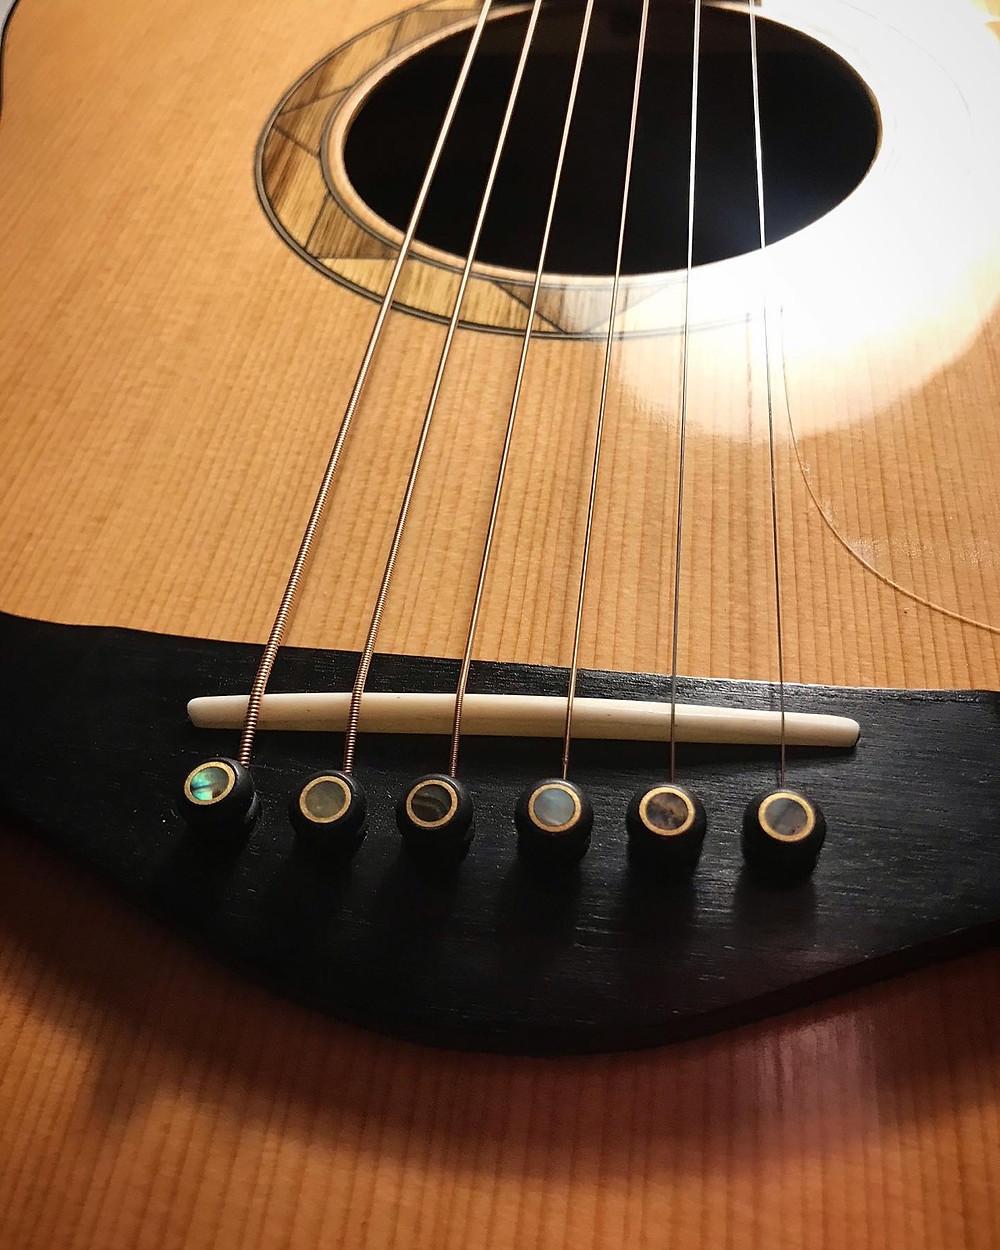 close up of the ebony bridge bone saddle and black limba rosette and soundhole of a Malone Guitars auditorium acoustic handmade in Essex UK